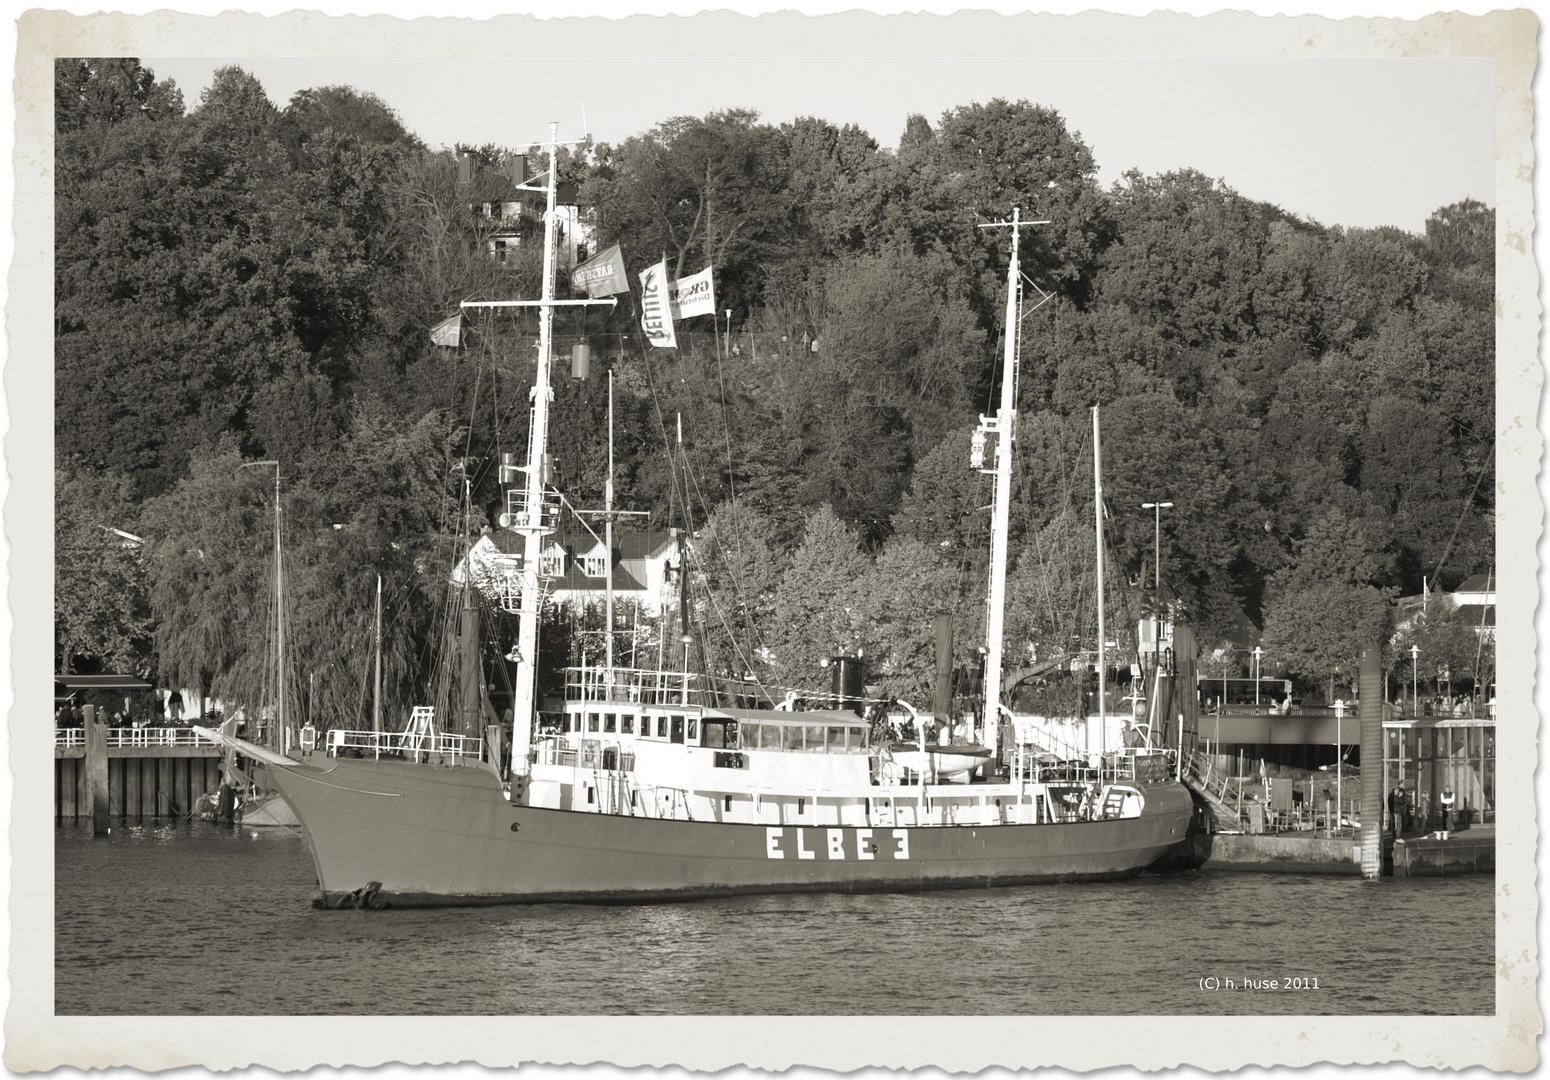 Feuerschiff Elbe3 im Museumshafen Övelgönne